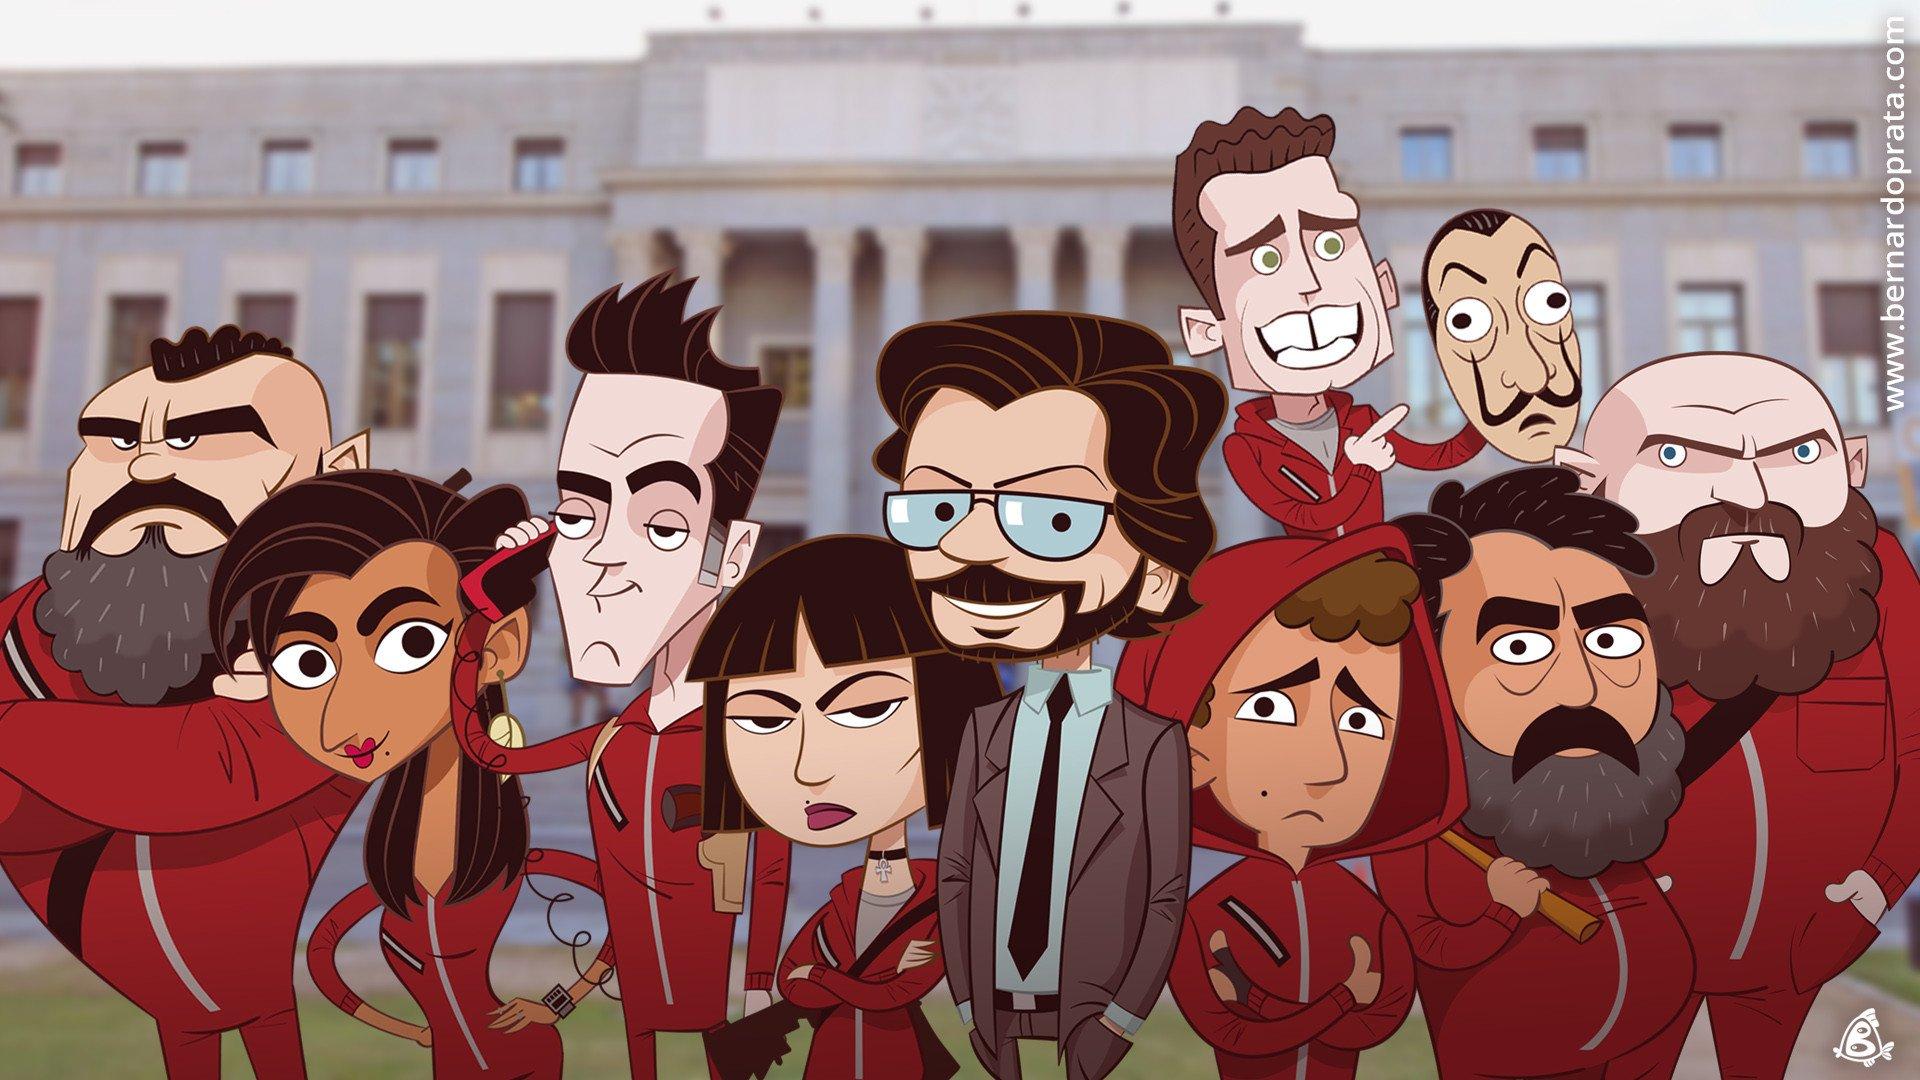 Fondos de pantalla La casa de papel versión caricatura